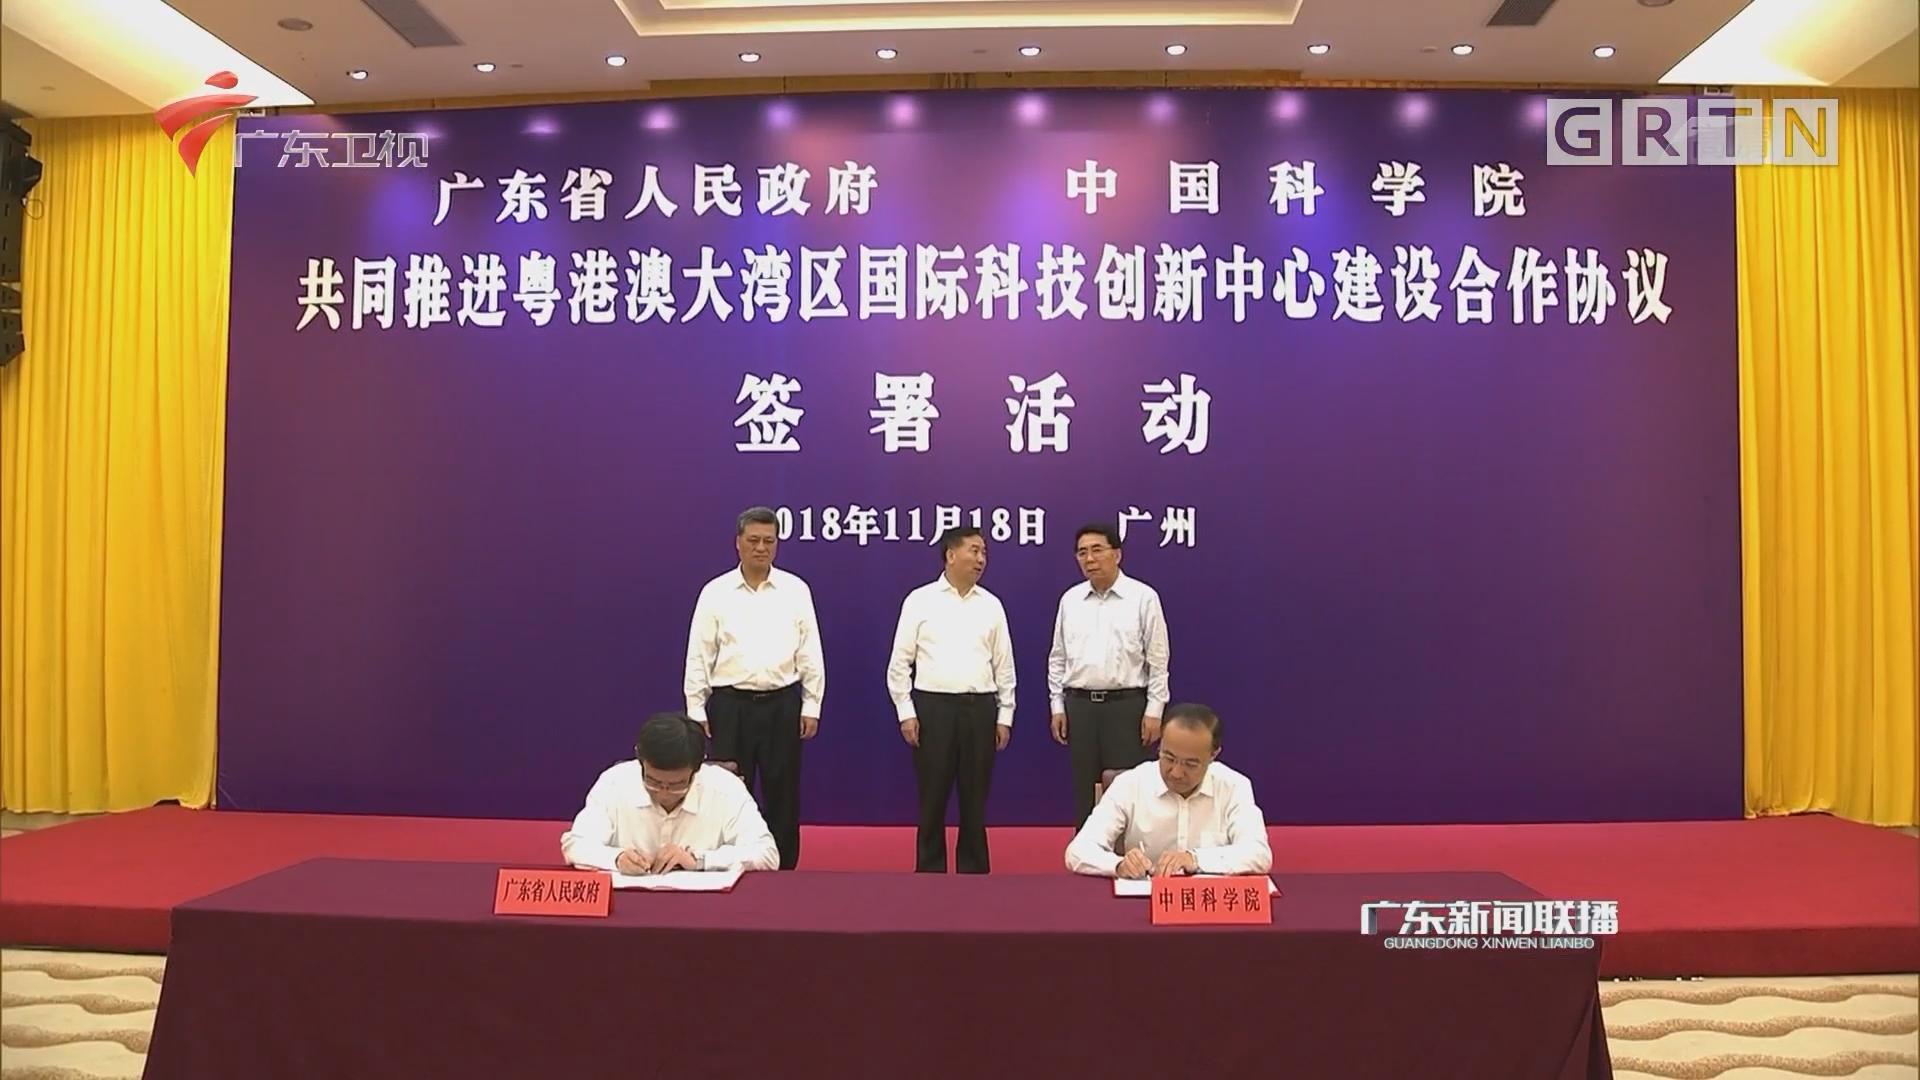 广东与中国科学院签署合作协议  共同推进粤港澳大湾区国际科技创新中心建设 李希 白春礼 马兴瑞出席活动